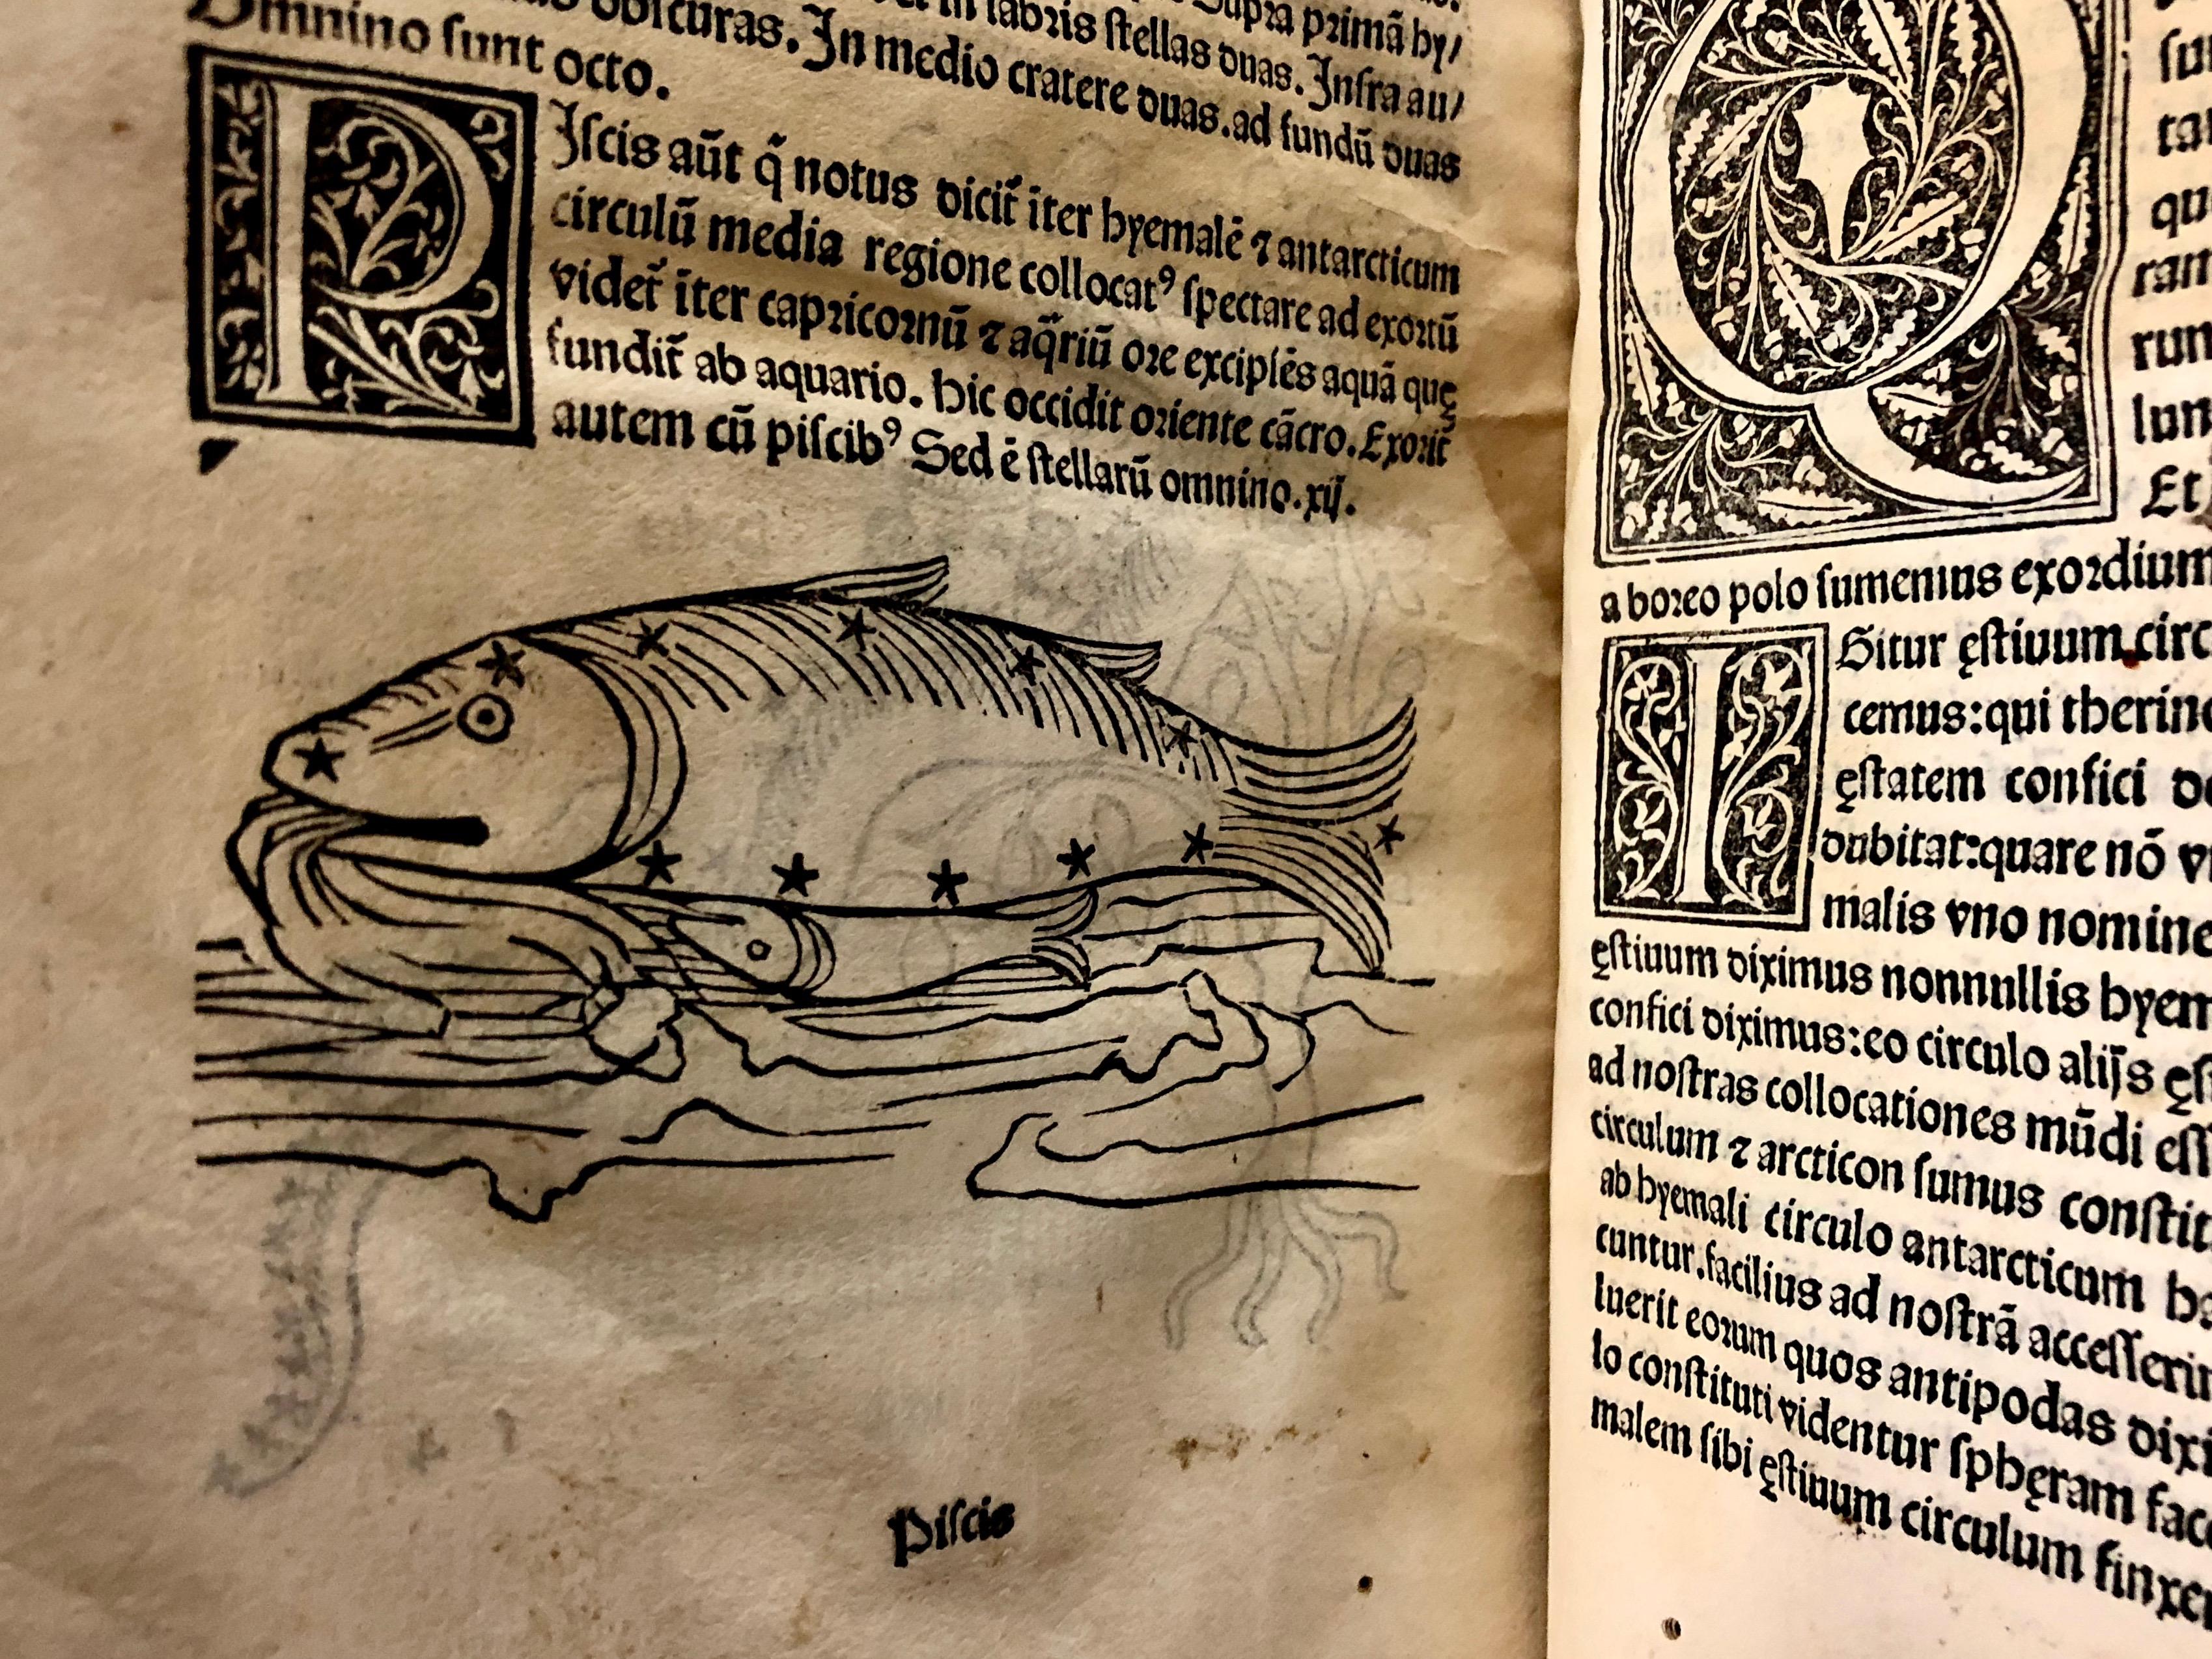 Starry fish in 'Nouicijs adolescetib': ad astronomica remp: capessenda aditu impenetratib' by Johannes de Sacro Bosco, 1482, Venice (Maddison Collection, 1D1)